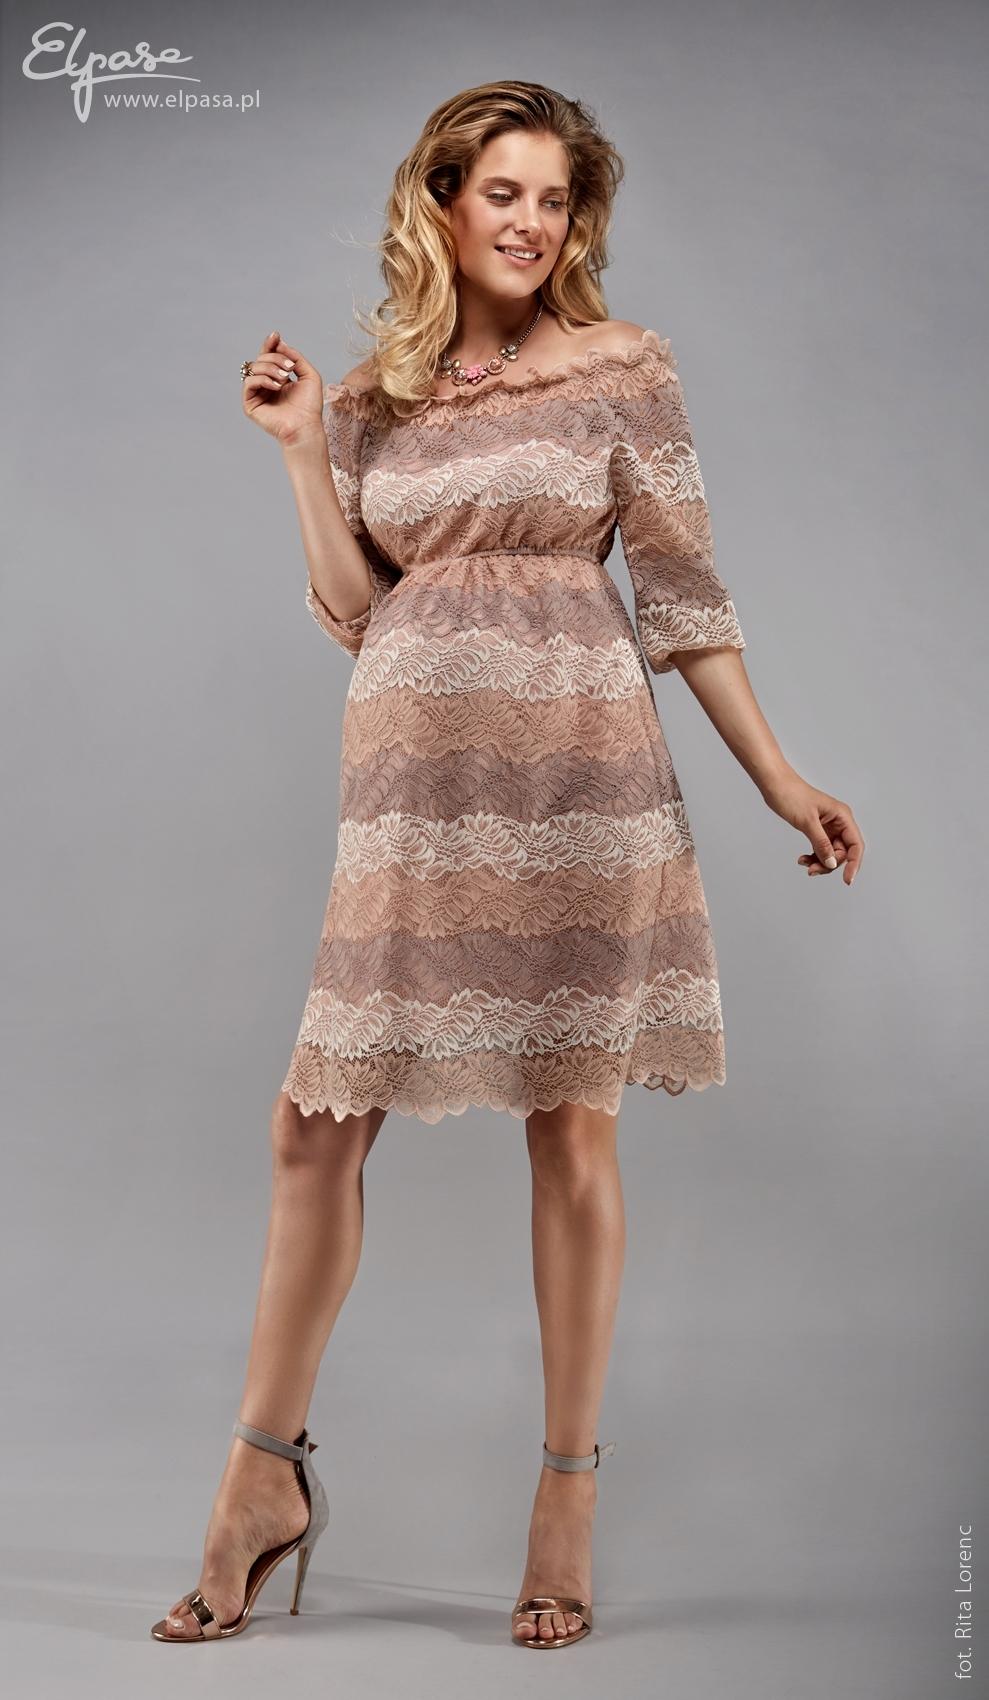 a135c7b0a Tehotenské šaty Leila - ELPASA   MamaStyl.sk - tehotenská móda ...